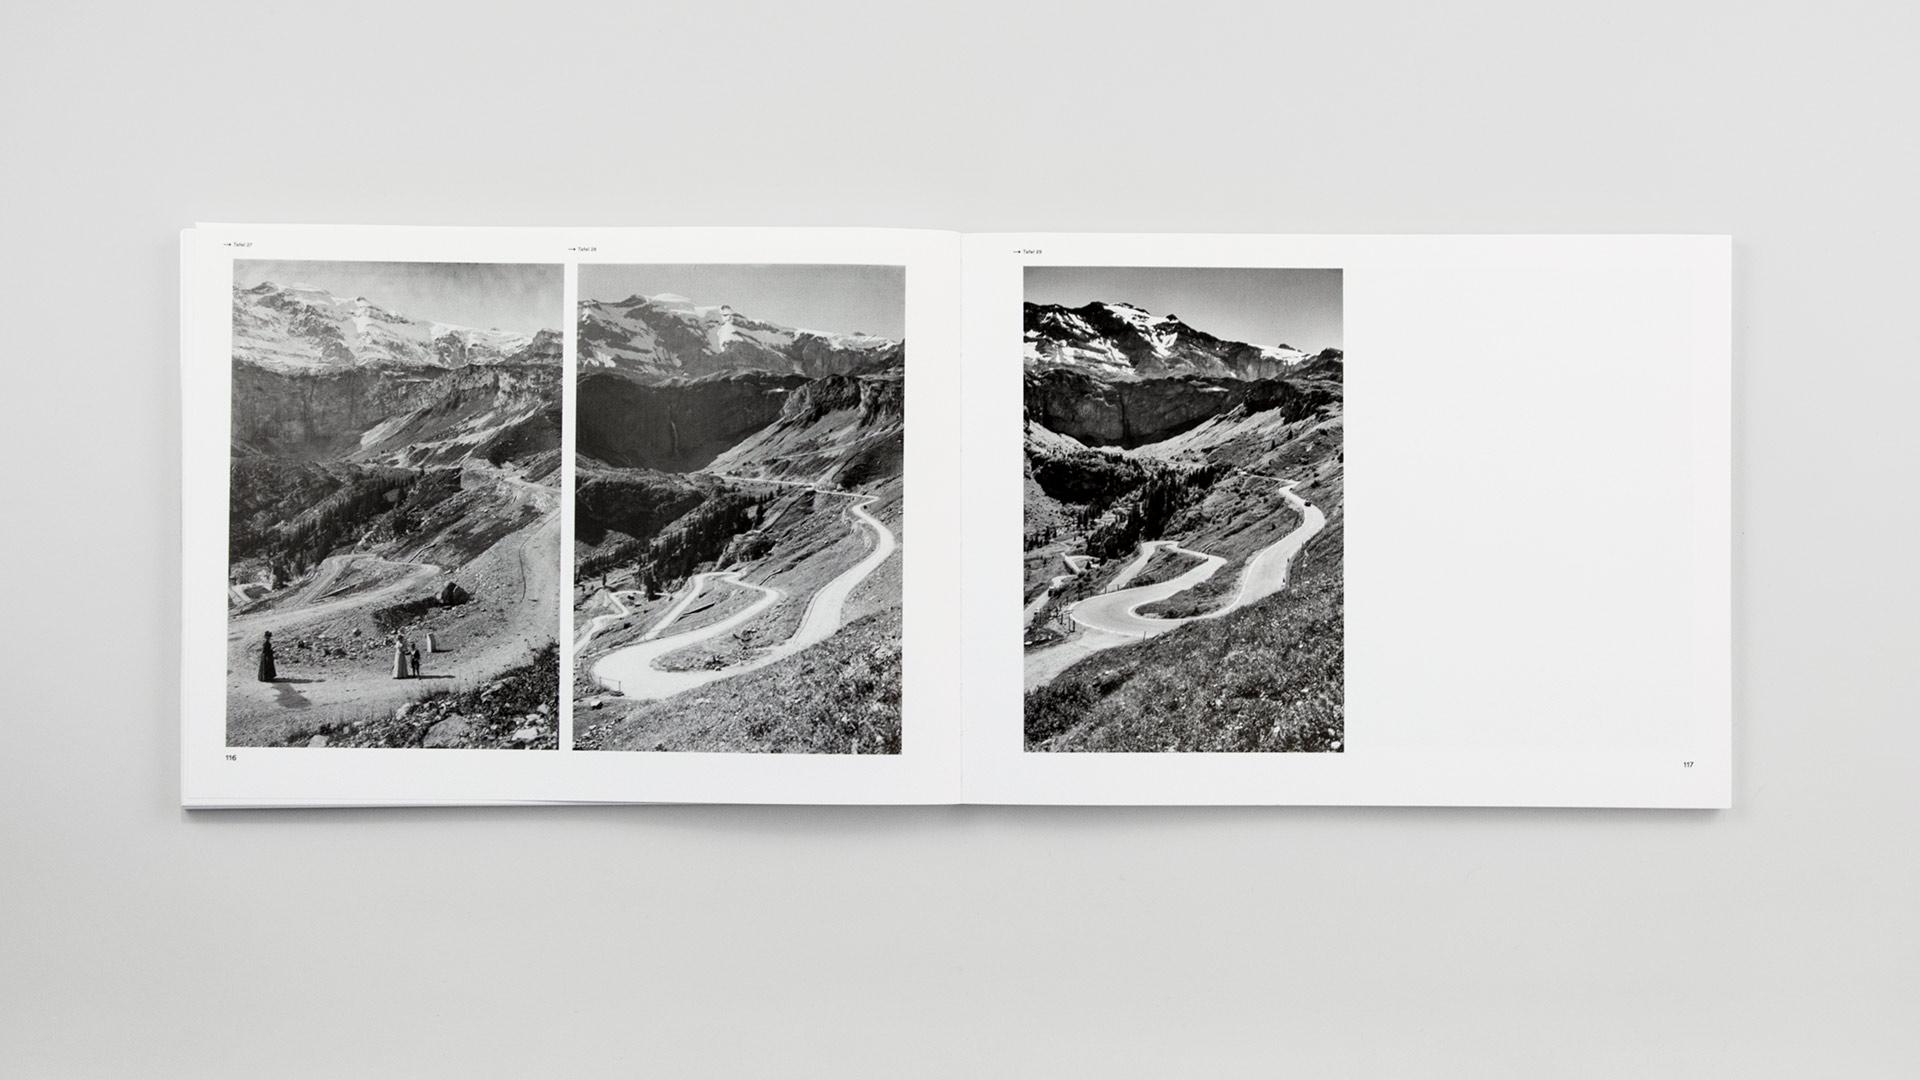 l'équipe [visuelle] – Saumpfad - Lini - Speedway – Buch, Klausenpass, Gestaltung, Grafik, Editorial Design, Agentur, Luzern, Emmenbruecke, Edition Typoundso